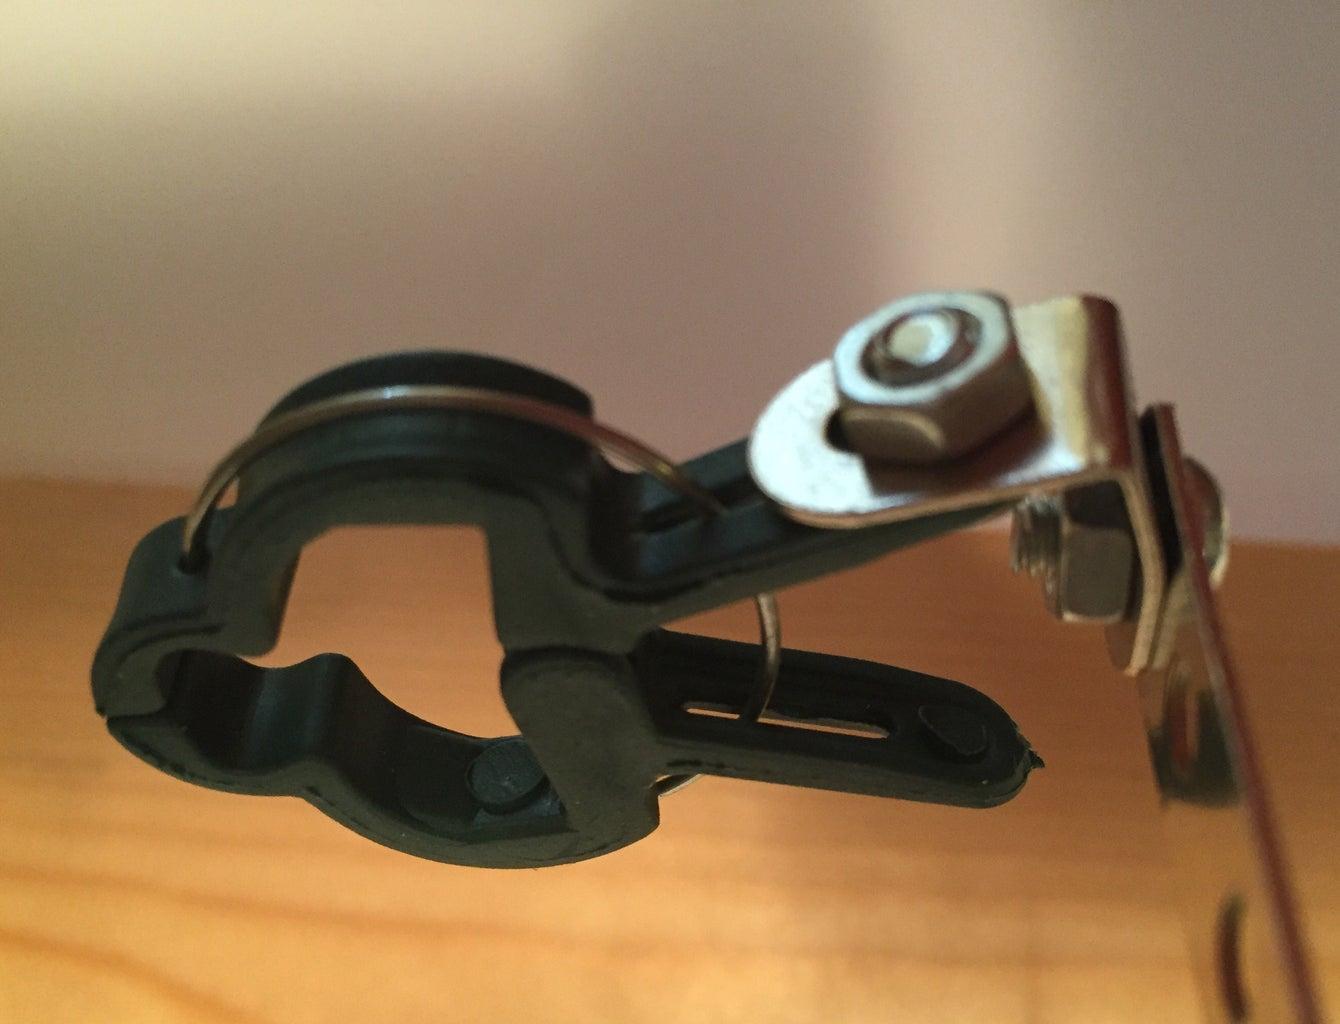 Clip Assembly